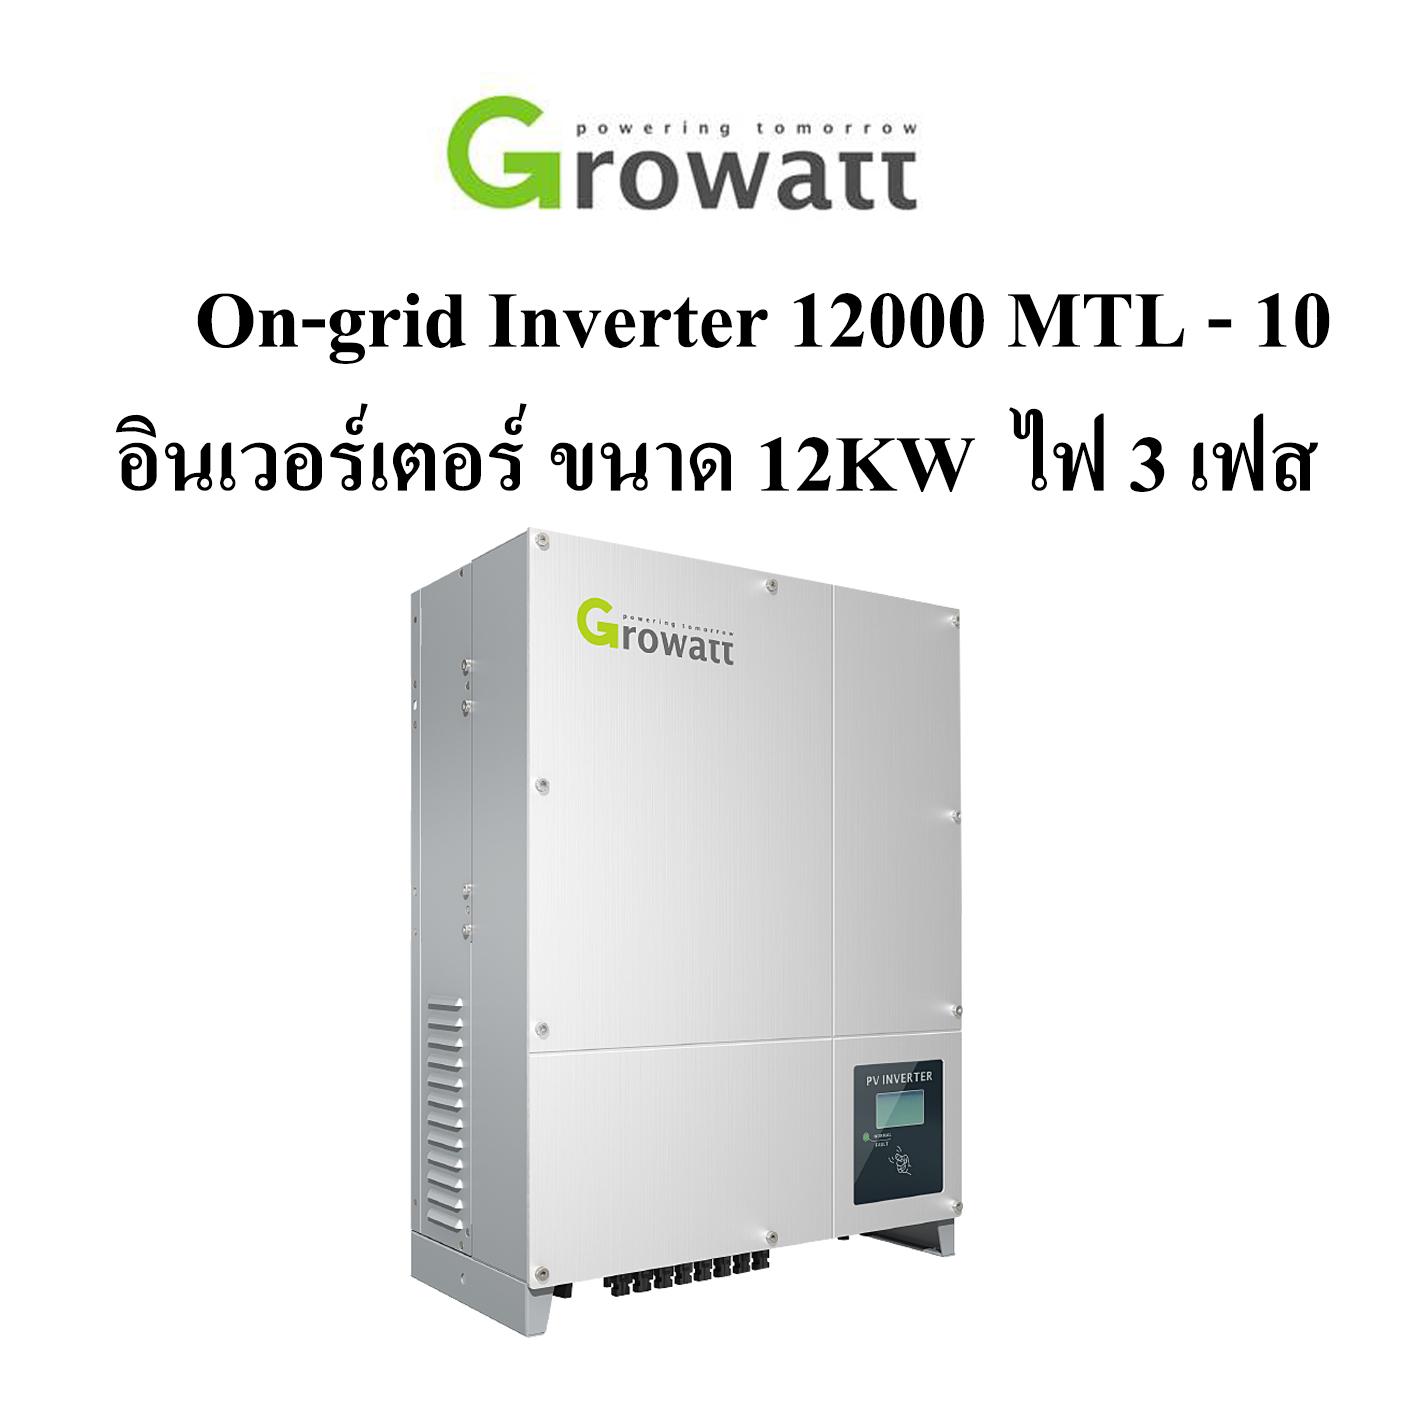 Growatt 12000-MTL-10